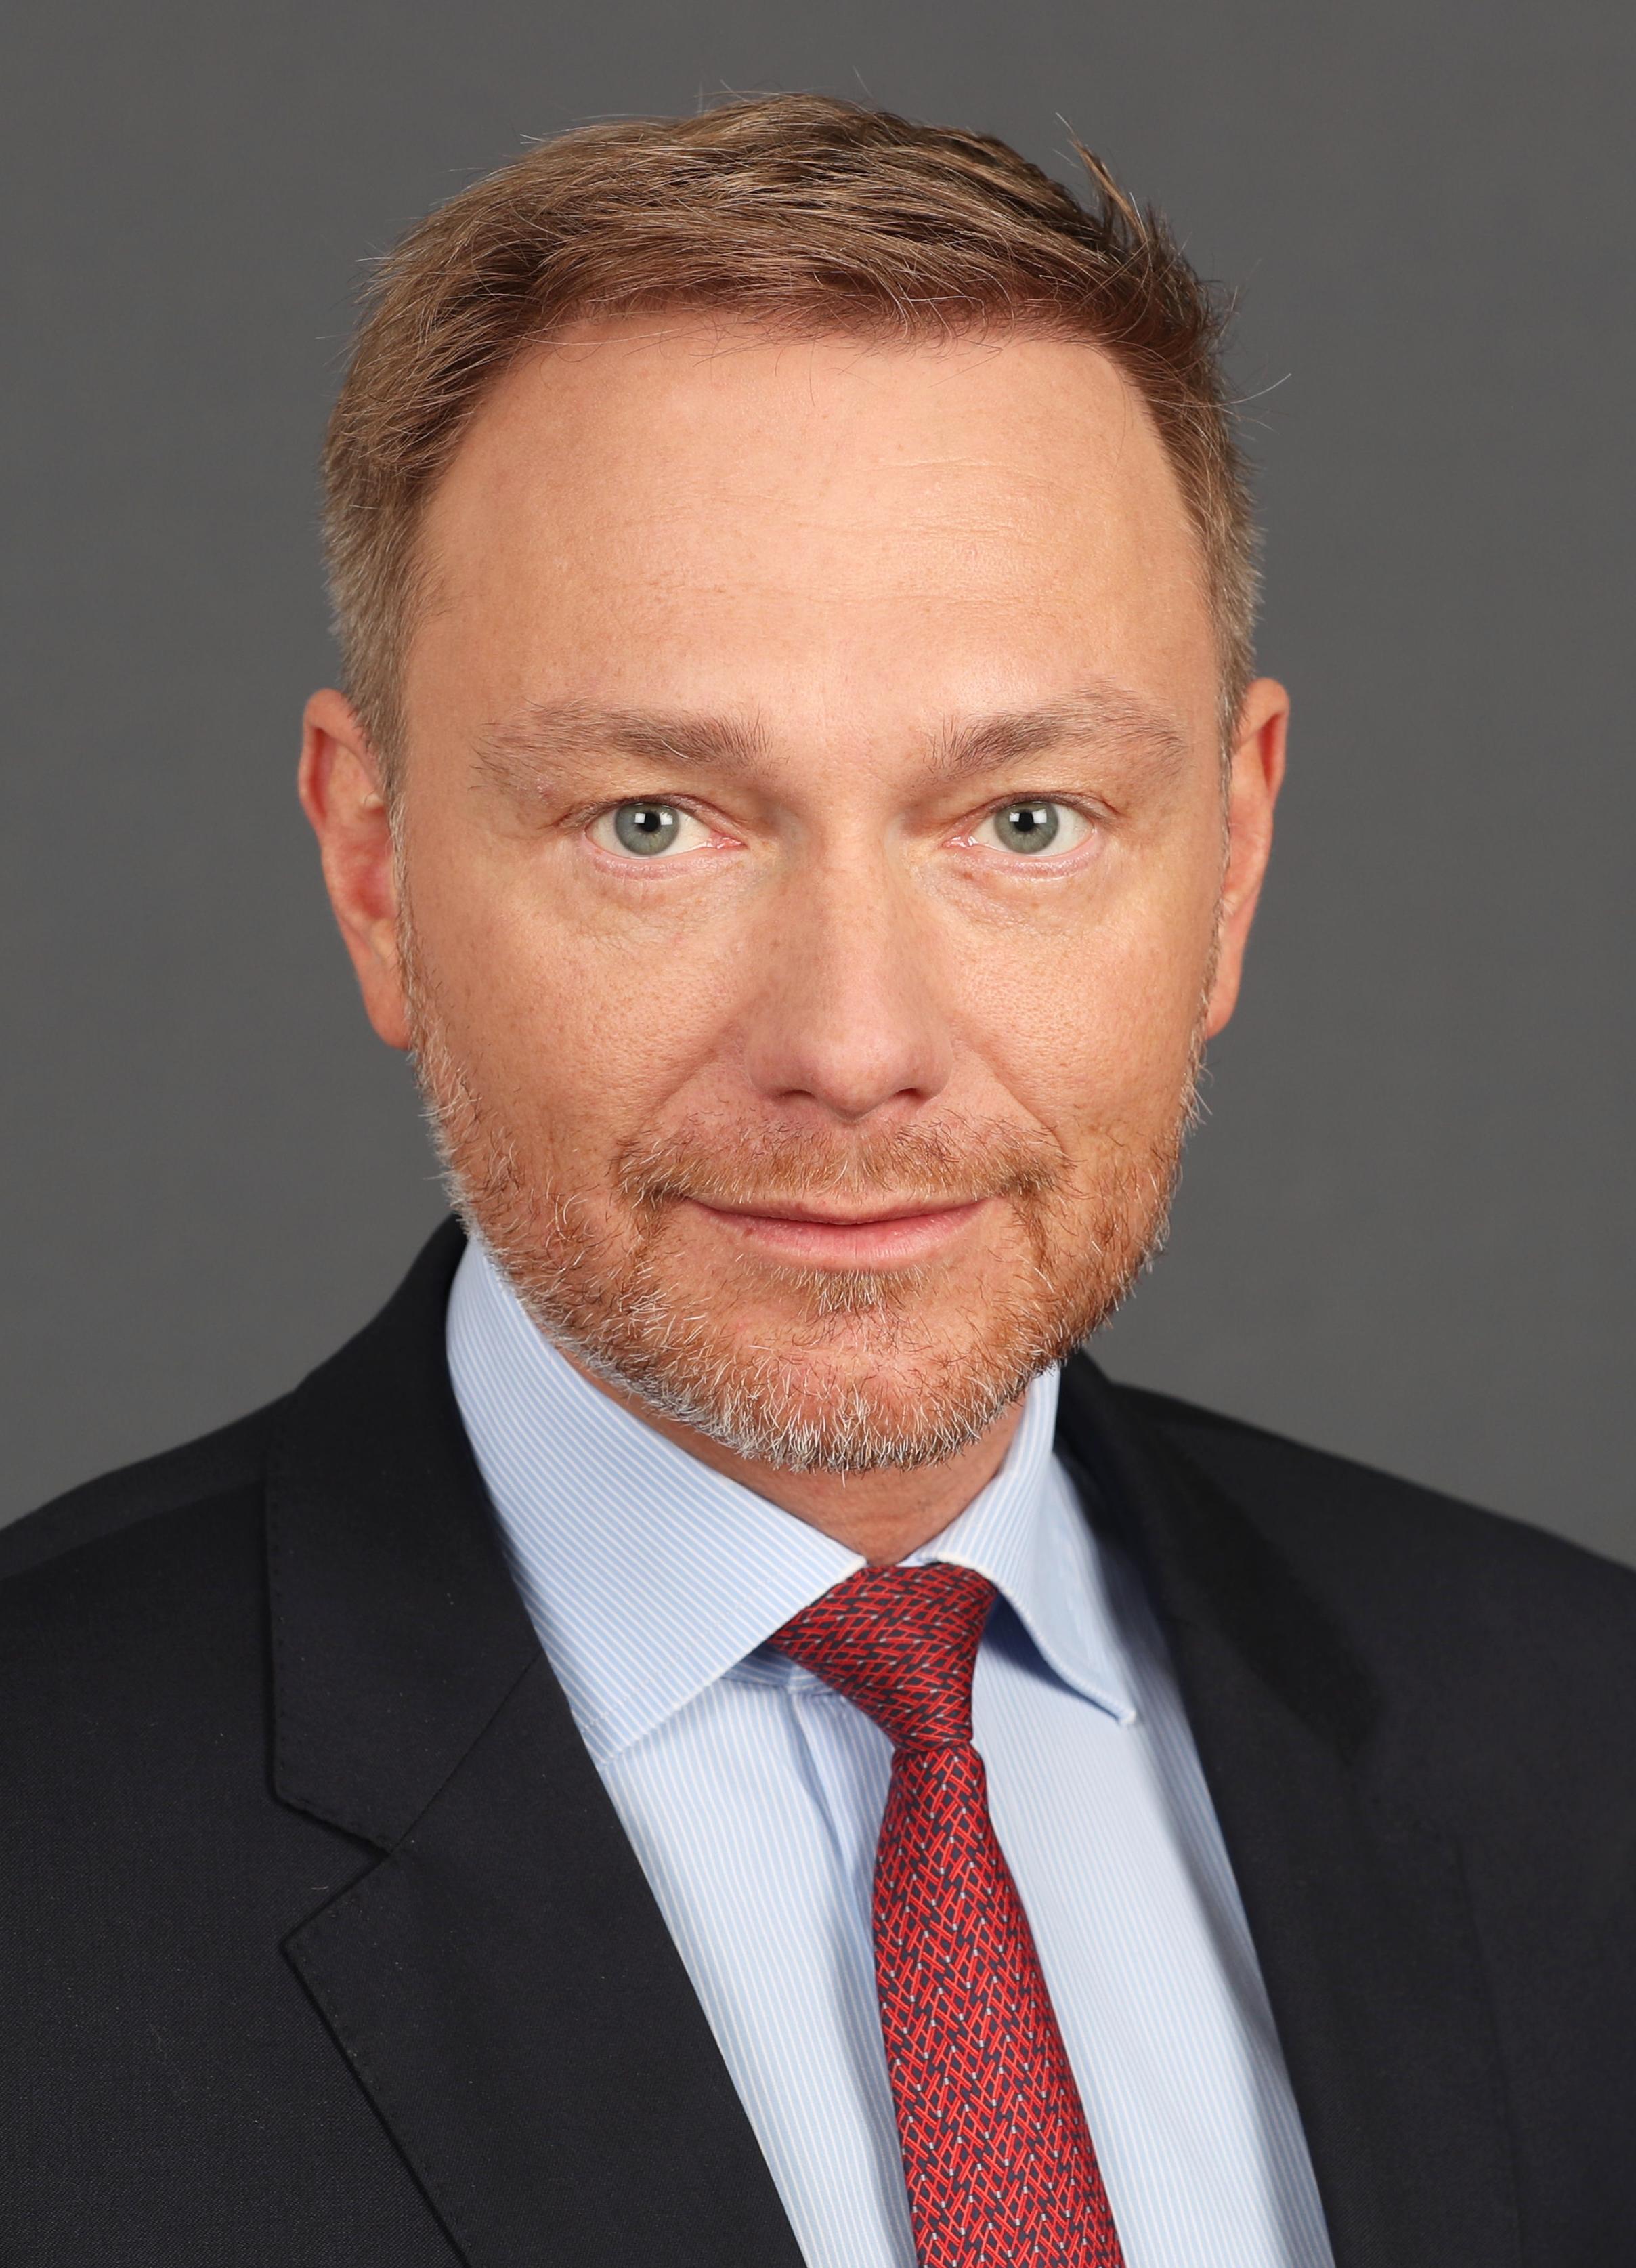 Freie Demokratische Partei – Wikipedia